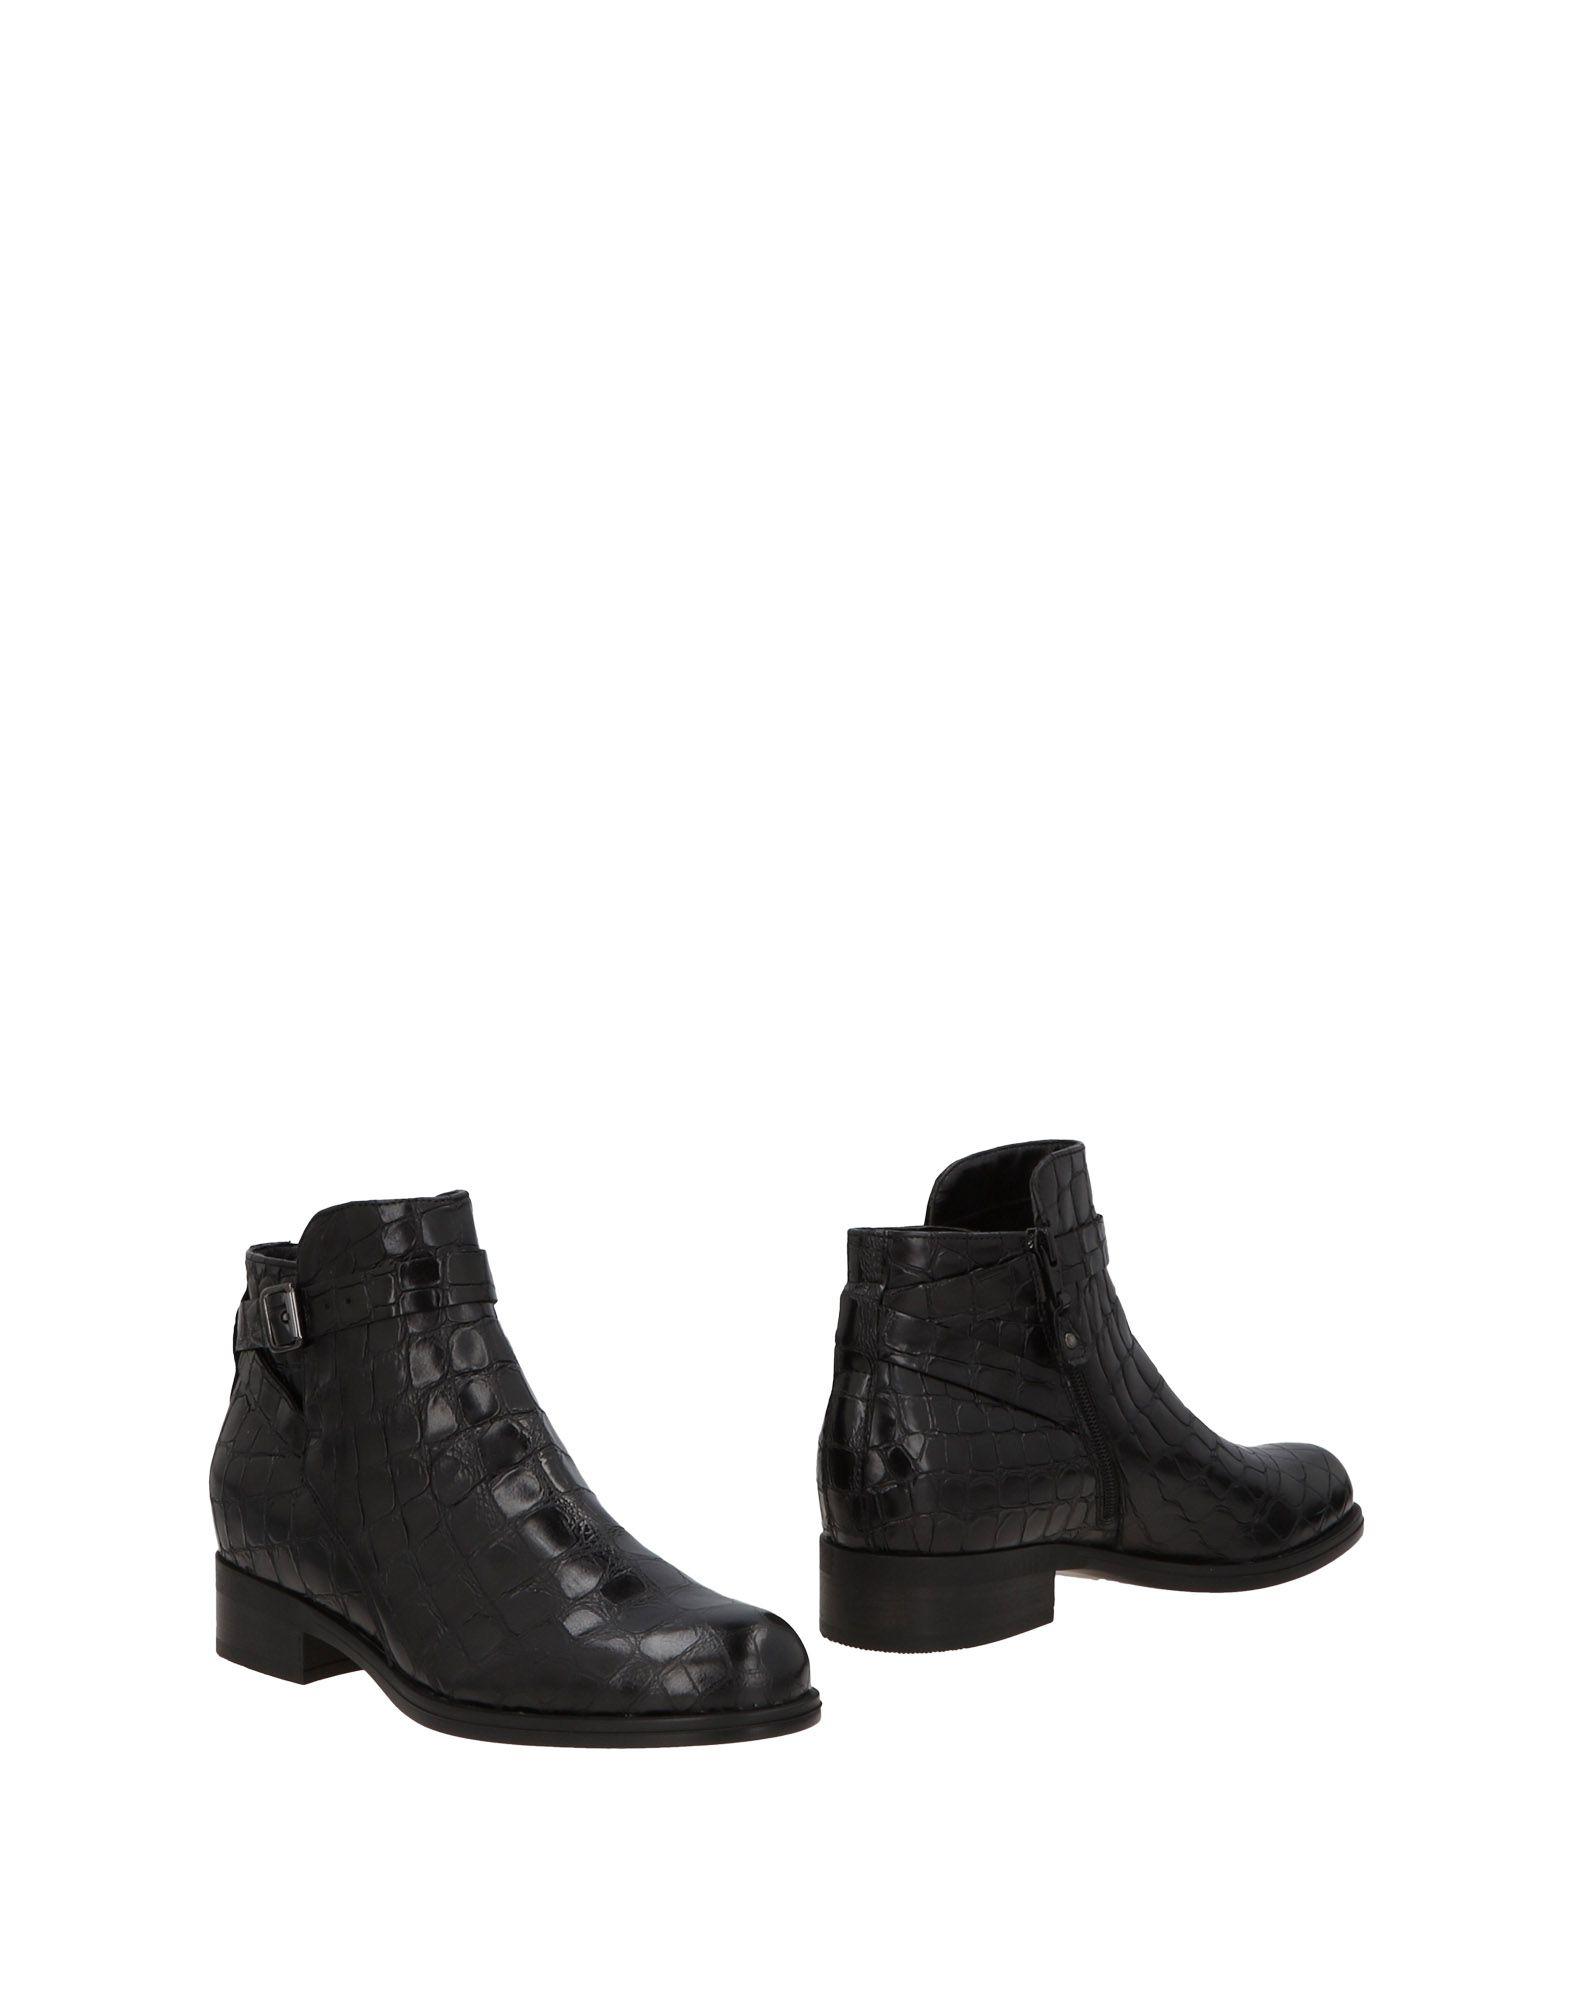 Bottine Formentini Femme - Bottines Formentini Noir Dernières chaussures discount pour hommes et femmes